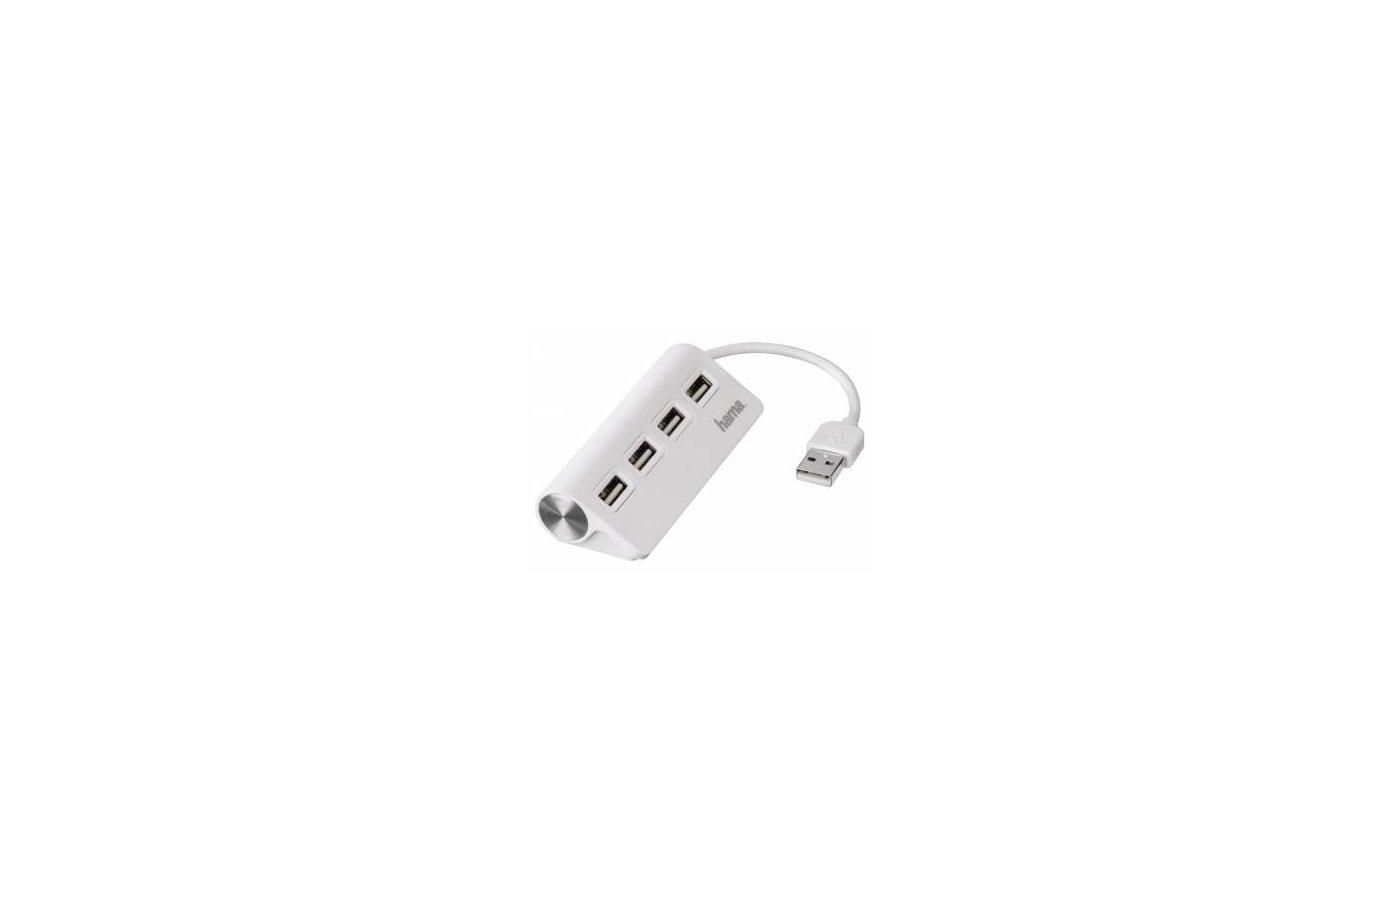 Разветвитель USB 2.0 Hama TopSide(12178) портов 4 белый